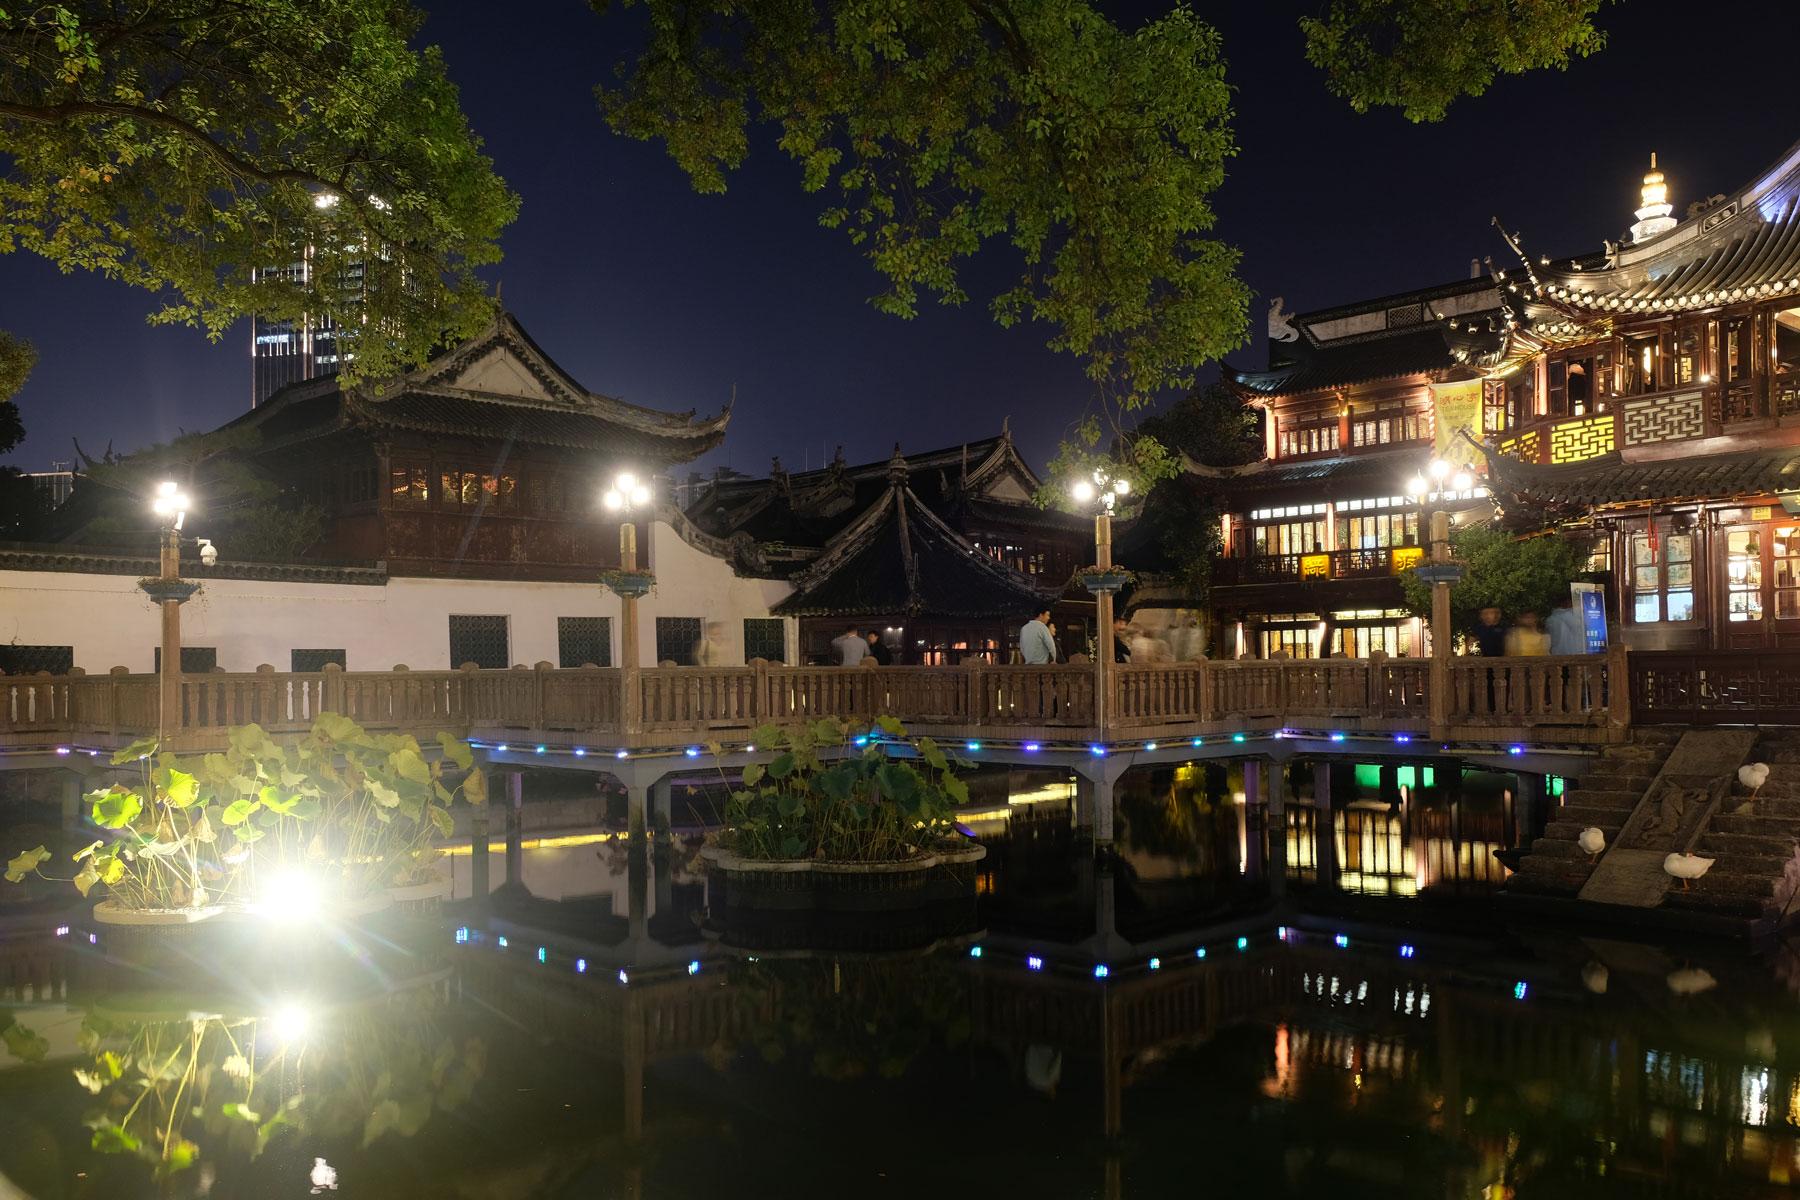 In der bei Nacht beleuchteten Altstadt von Shanghai spiegeln sich die Häuser im Wasser.